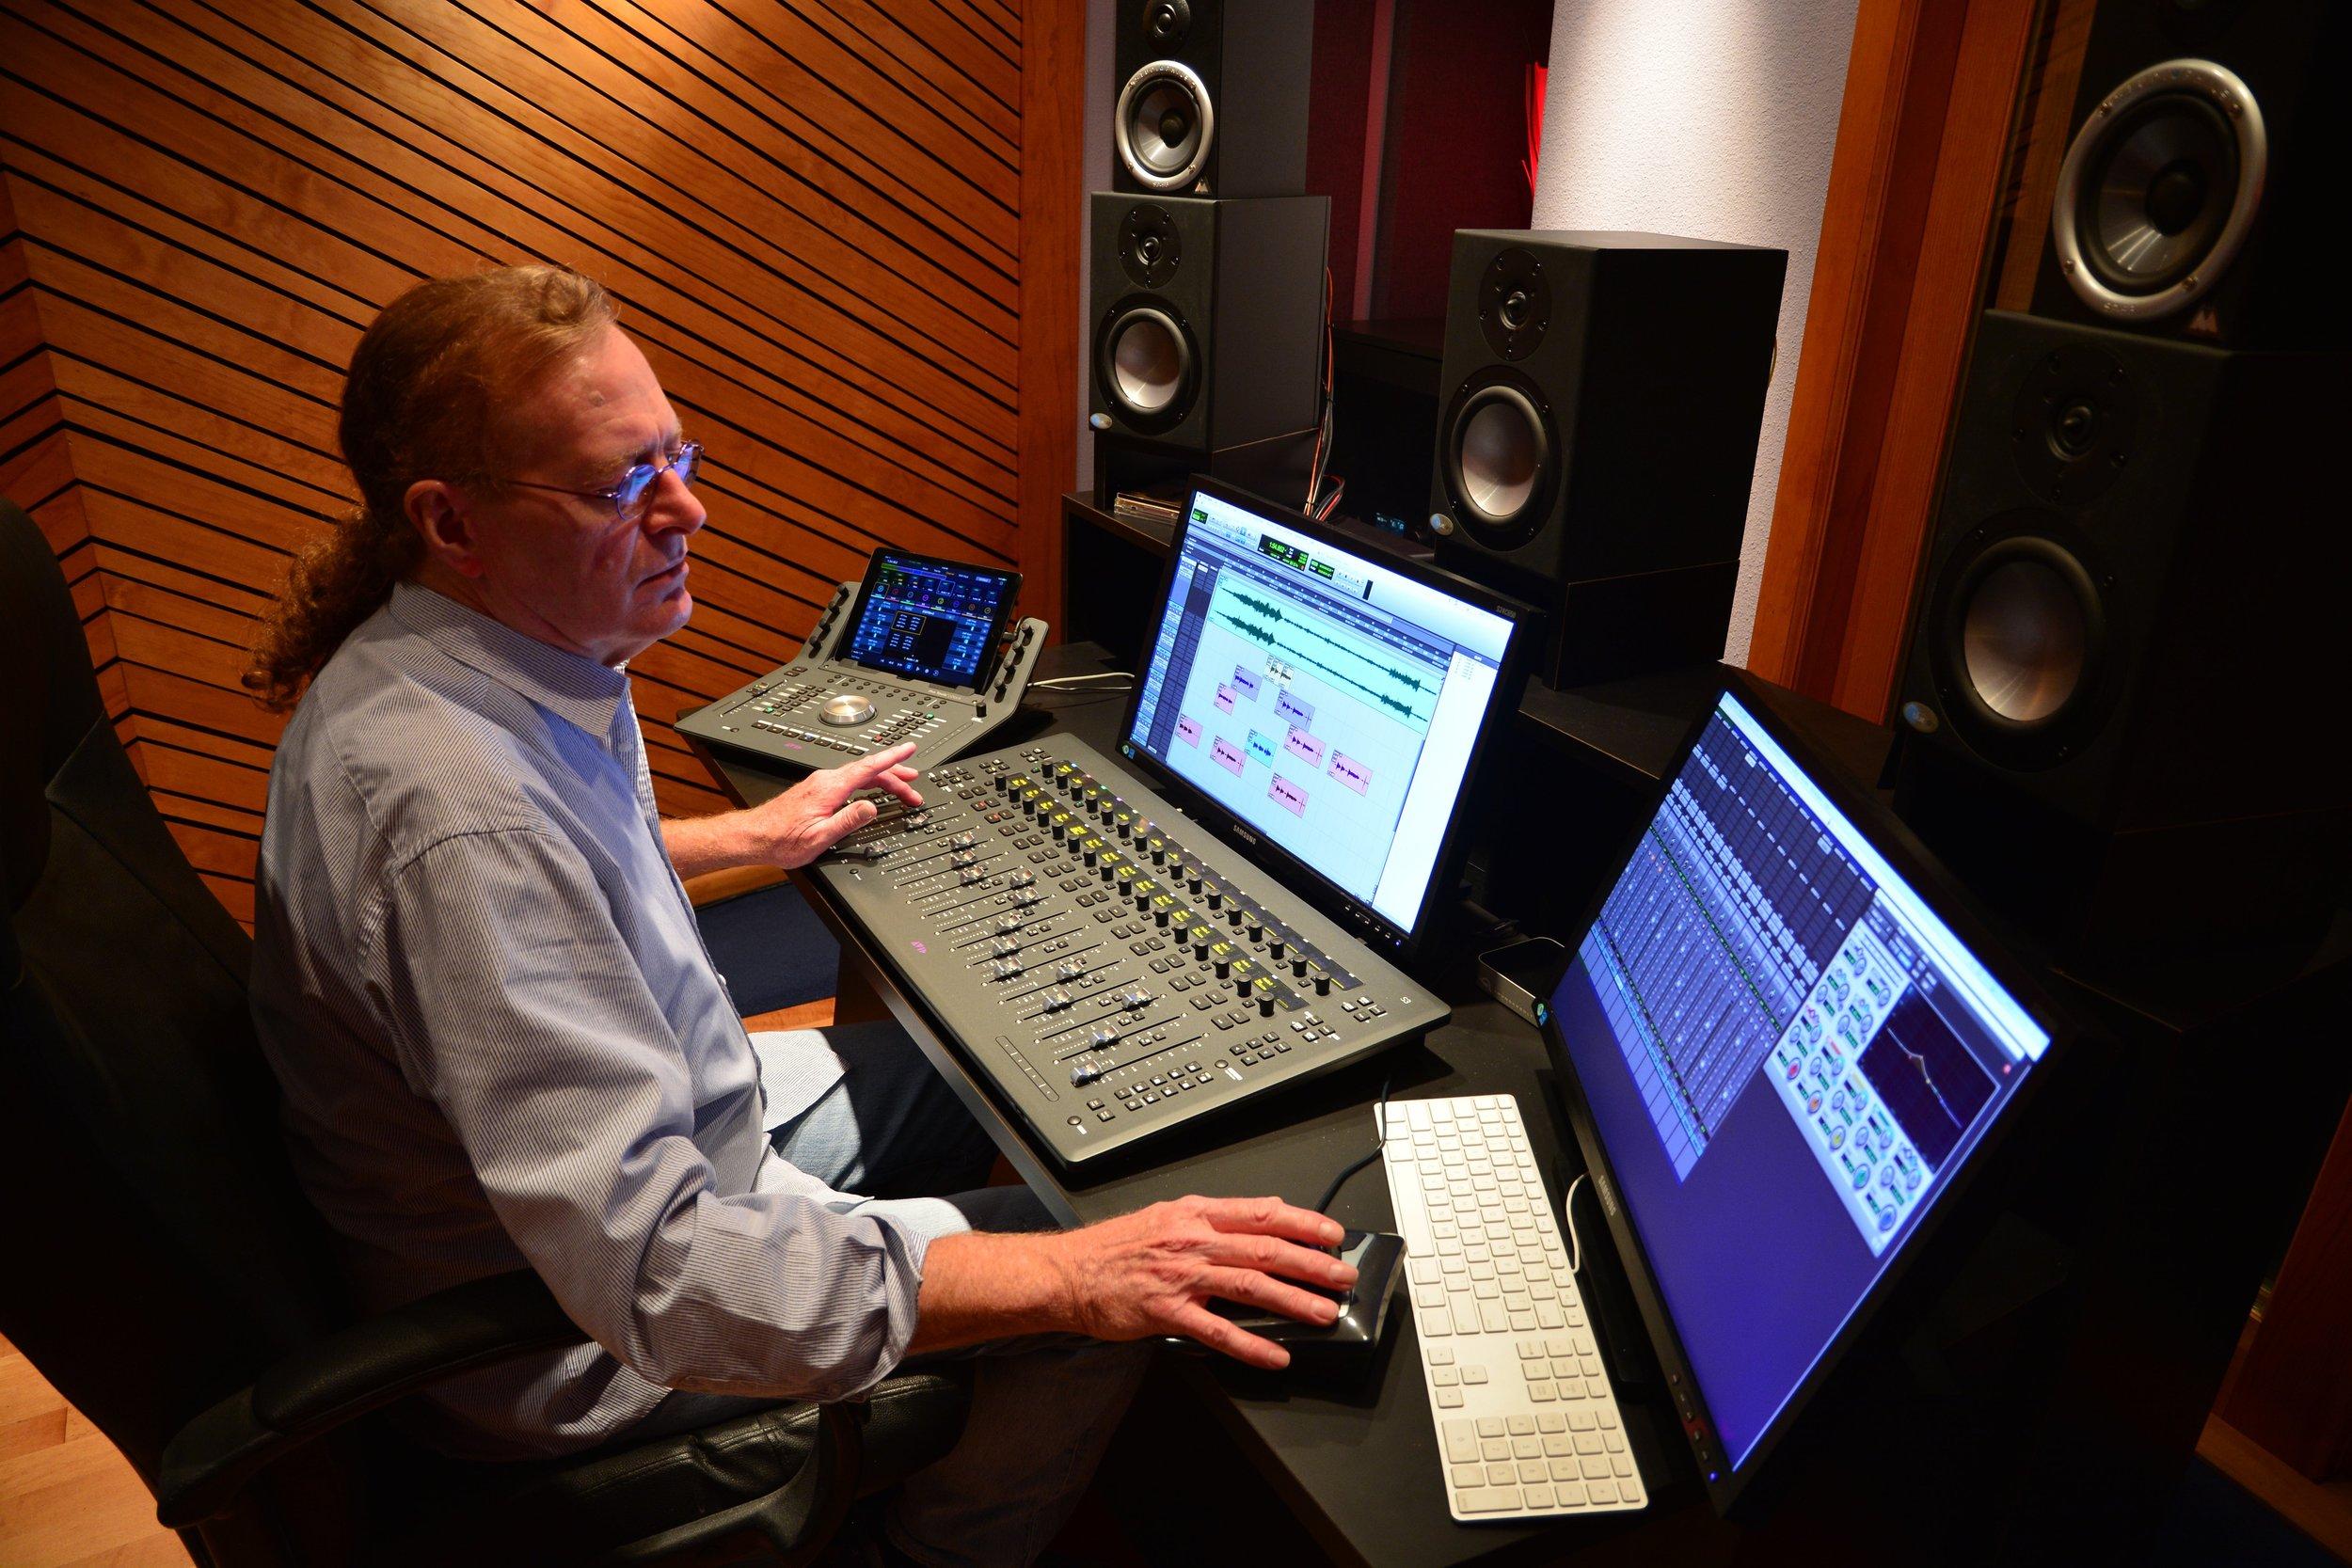 David Whitaker of Vinyl Snob